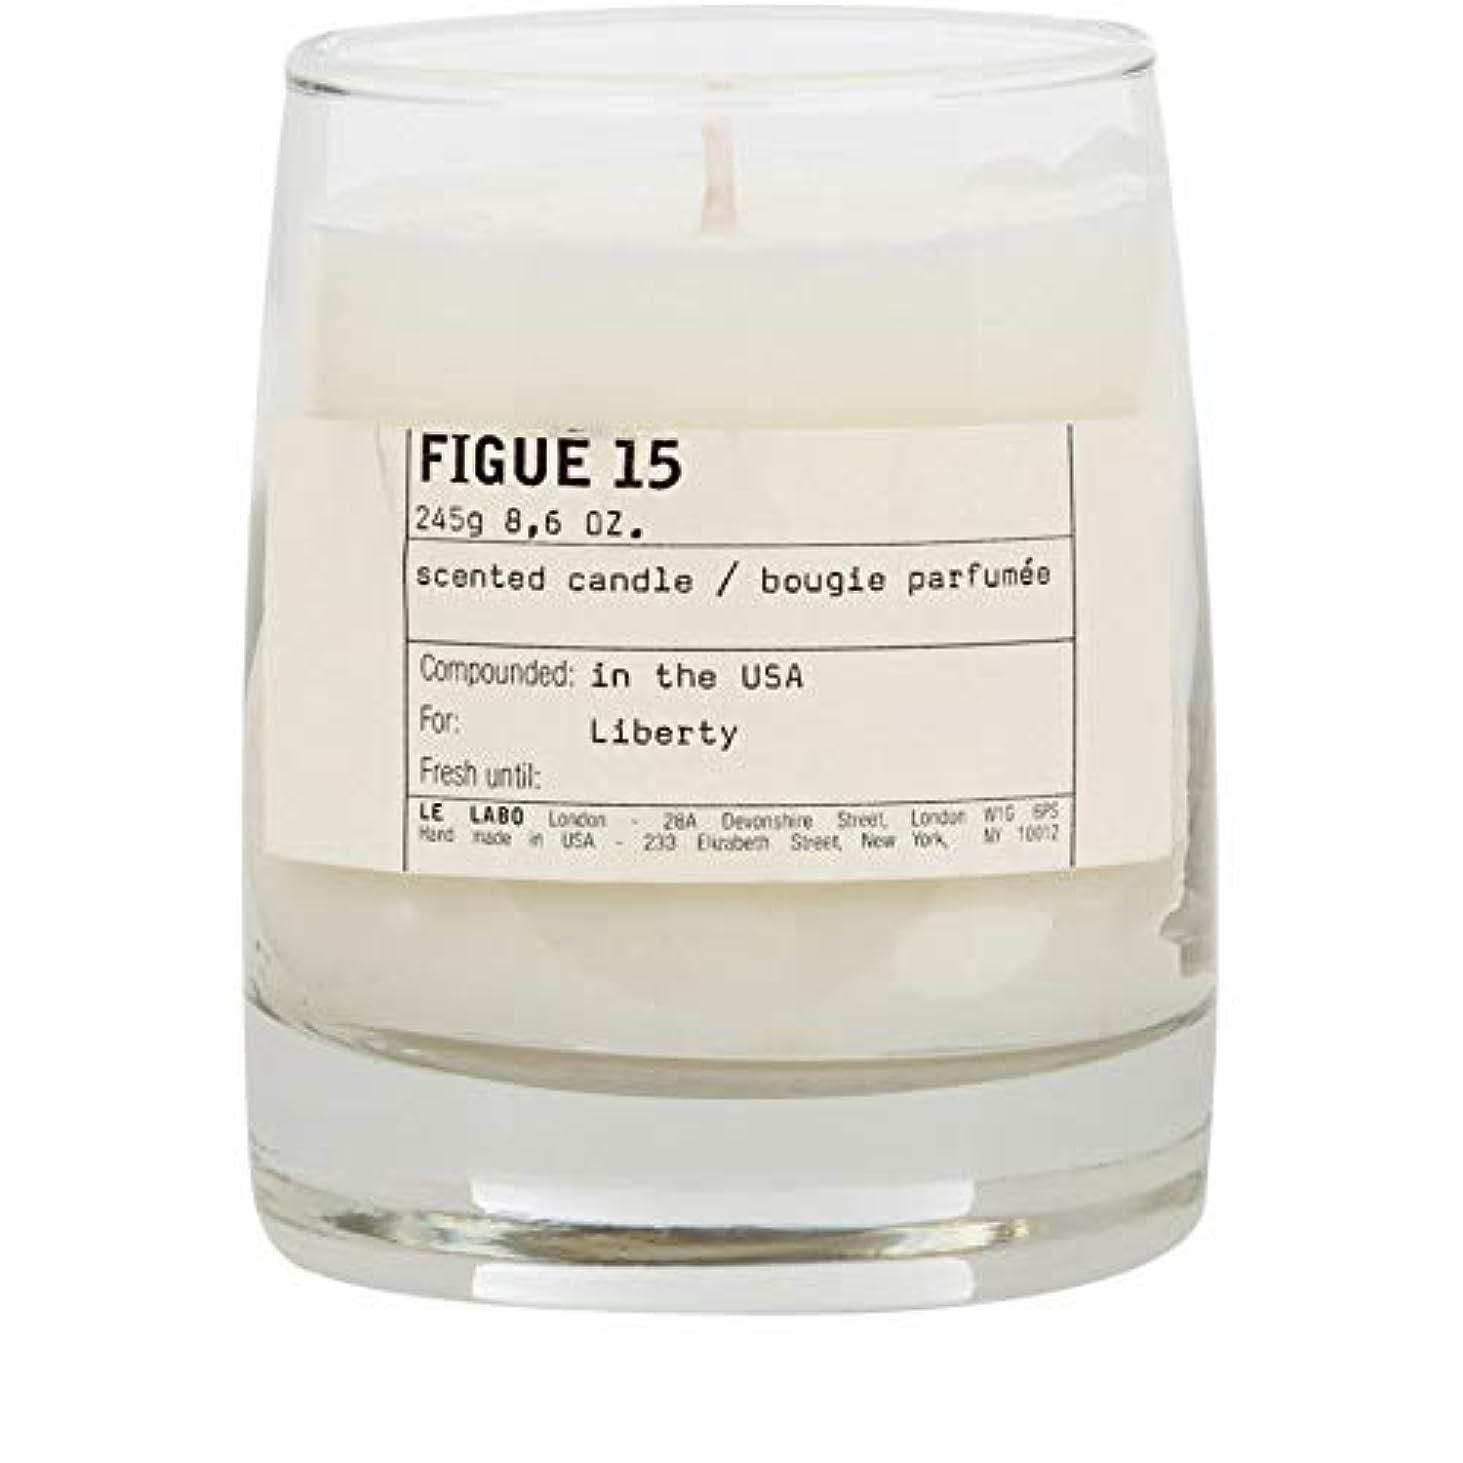 該当するささいなアブセイ[Le Labo ] ルラボFigue 15キャンドル245グラム - Le Labo Figue 15 Candle 245g [並行輸入品]